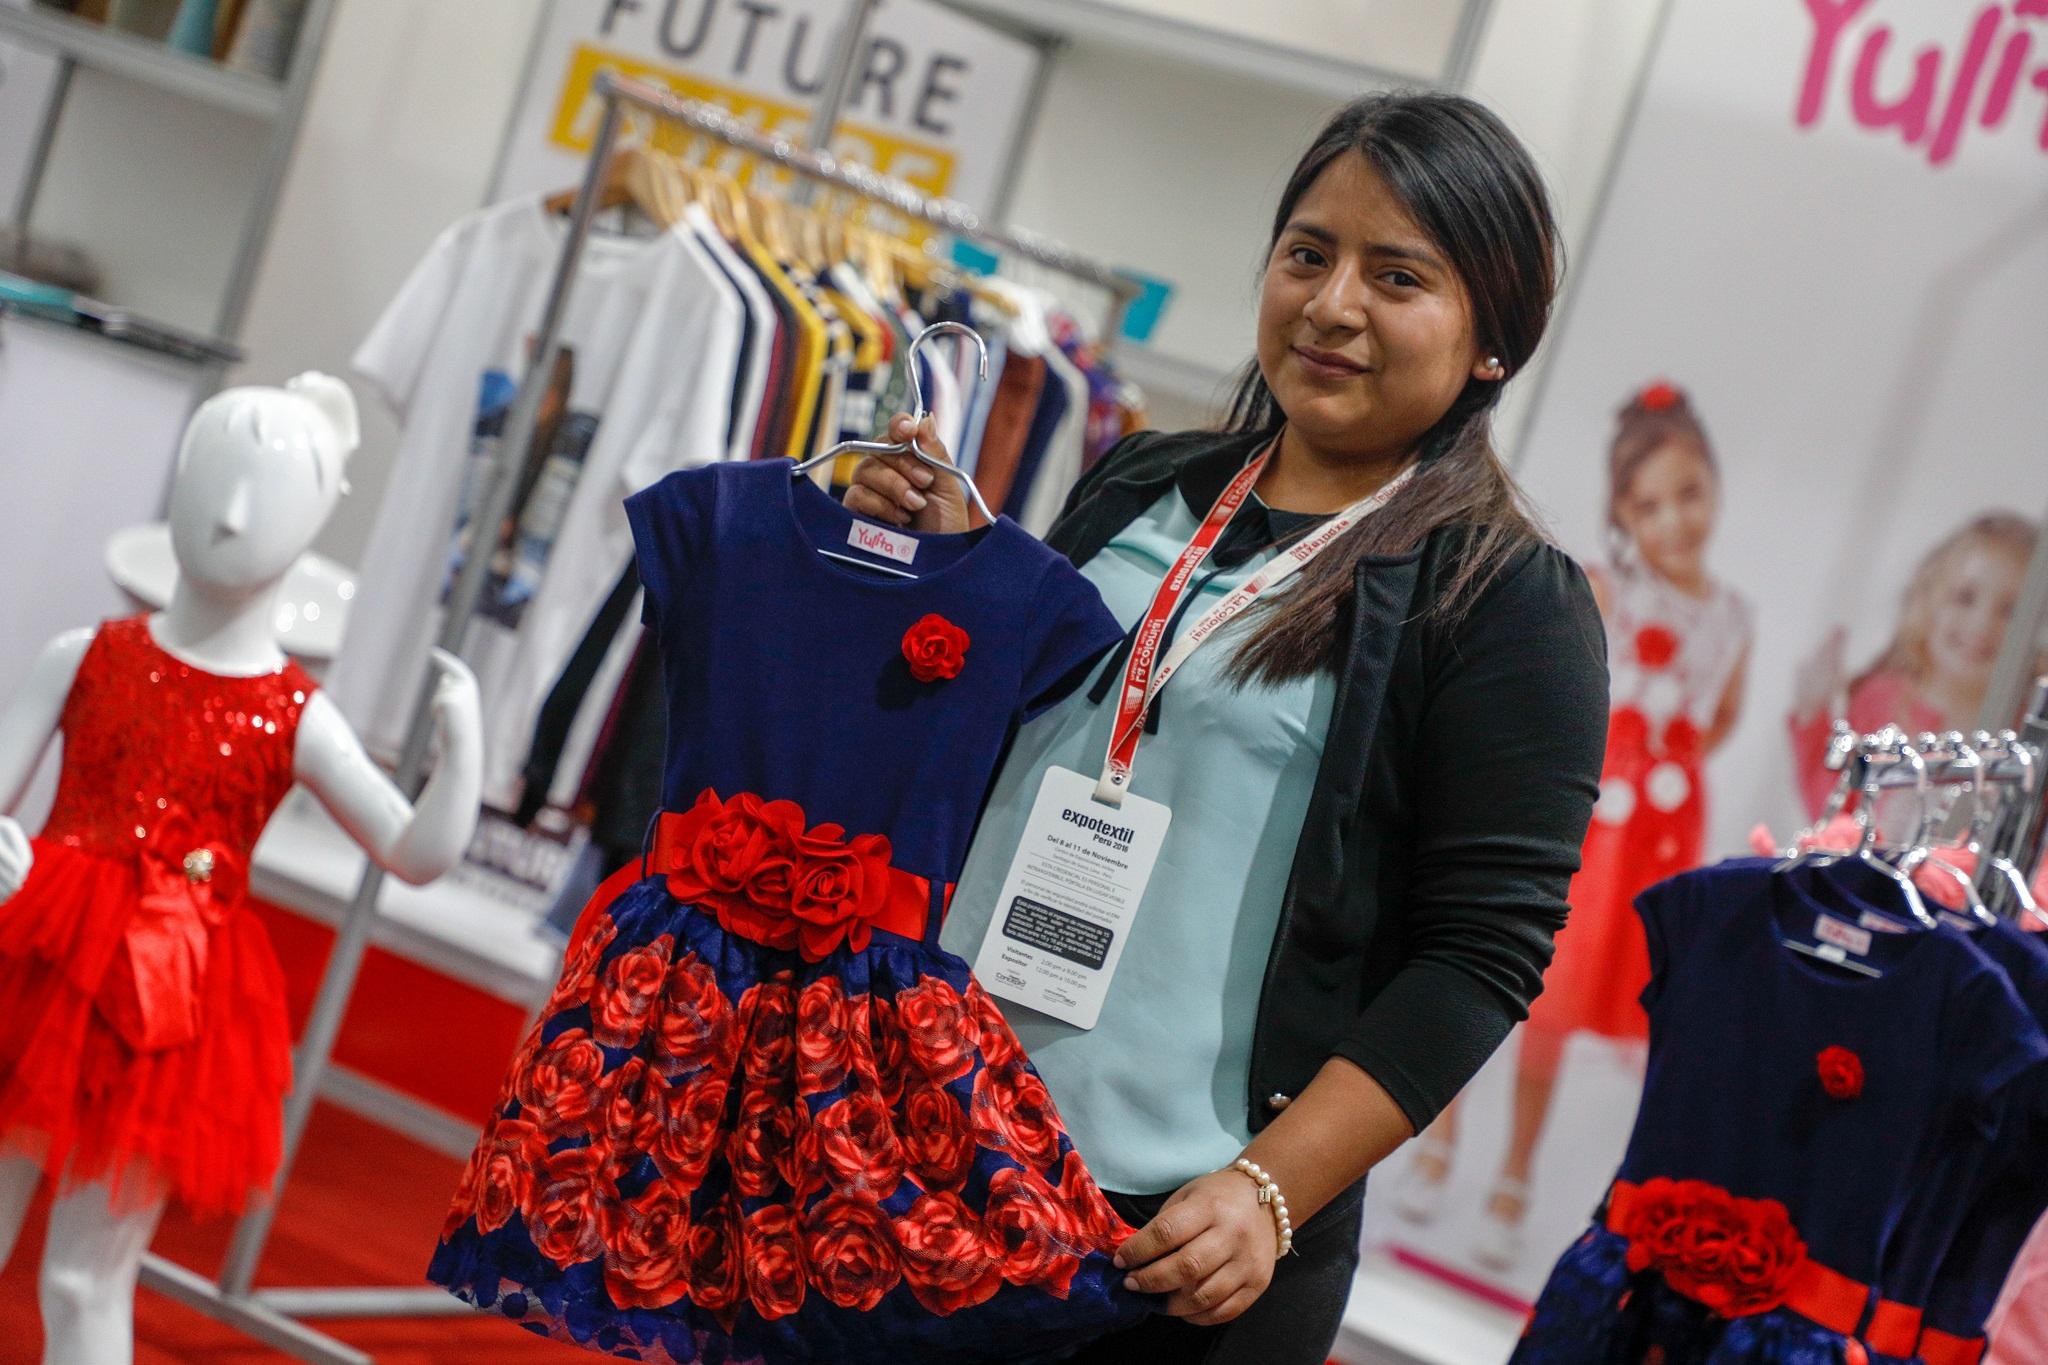 Prendas de vestir: Cierre del 2018 con crecimiento